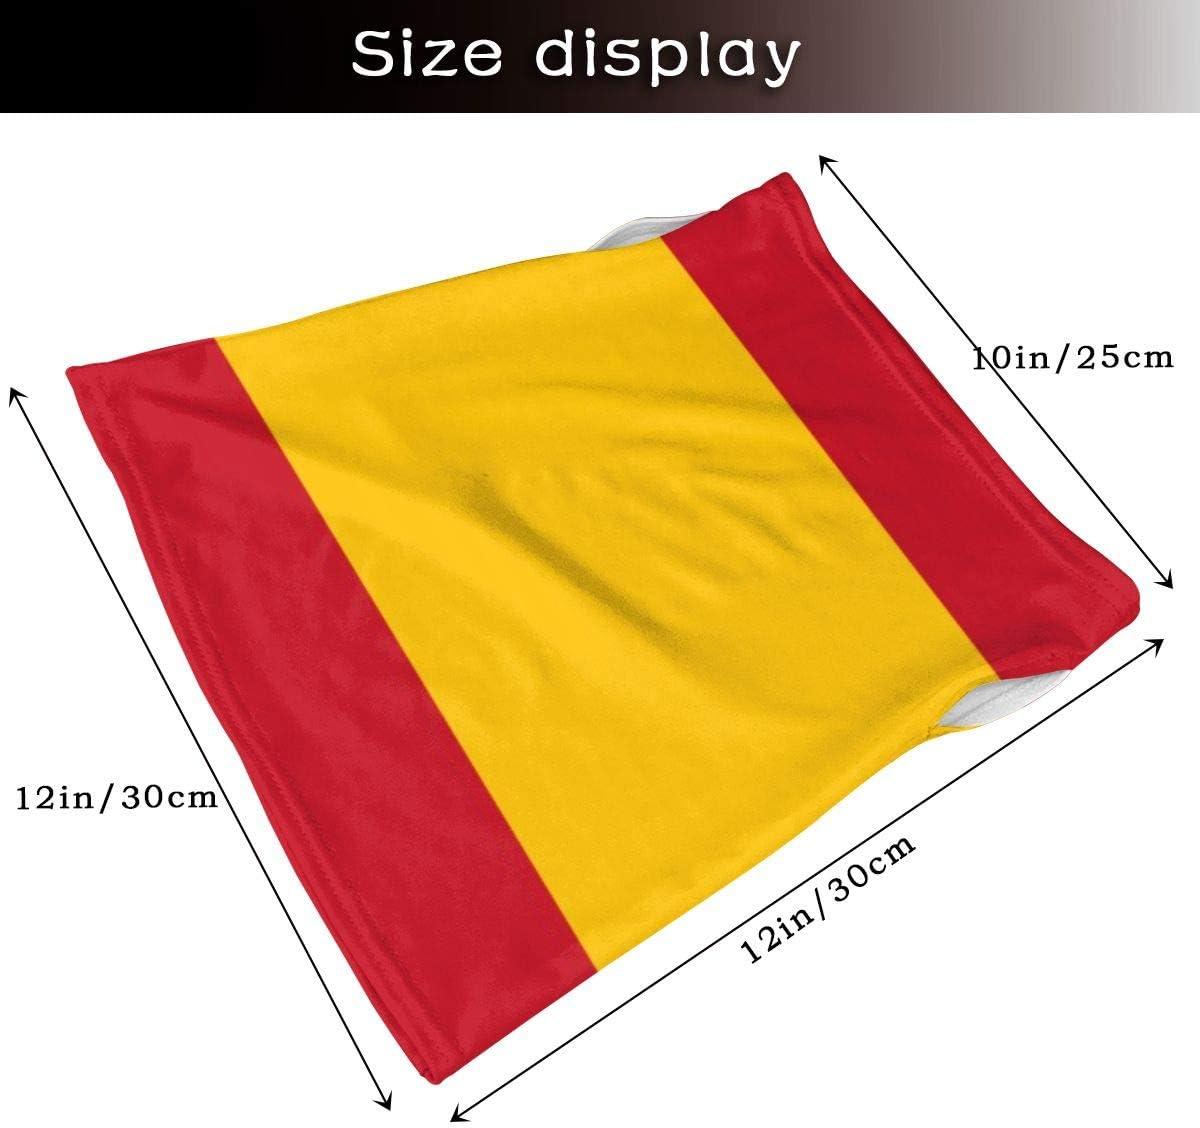 Bandera de España a prueba de viento cubierta cara con diseño de trabillas para los oídos, accesorio multifuncional para hombres y mujeres: Amazon.es: Bricolaje y herramientas